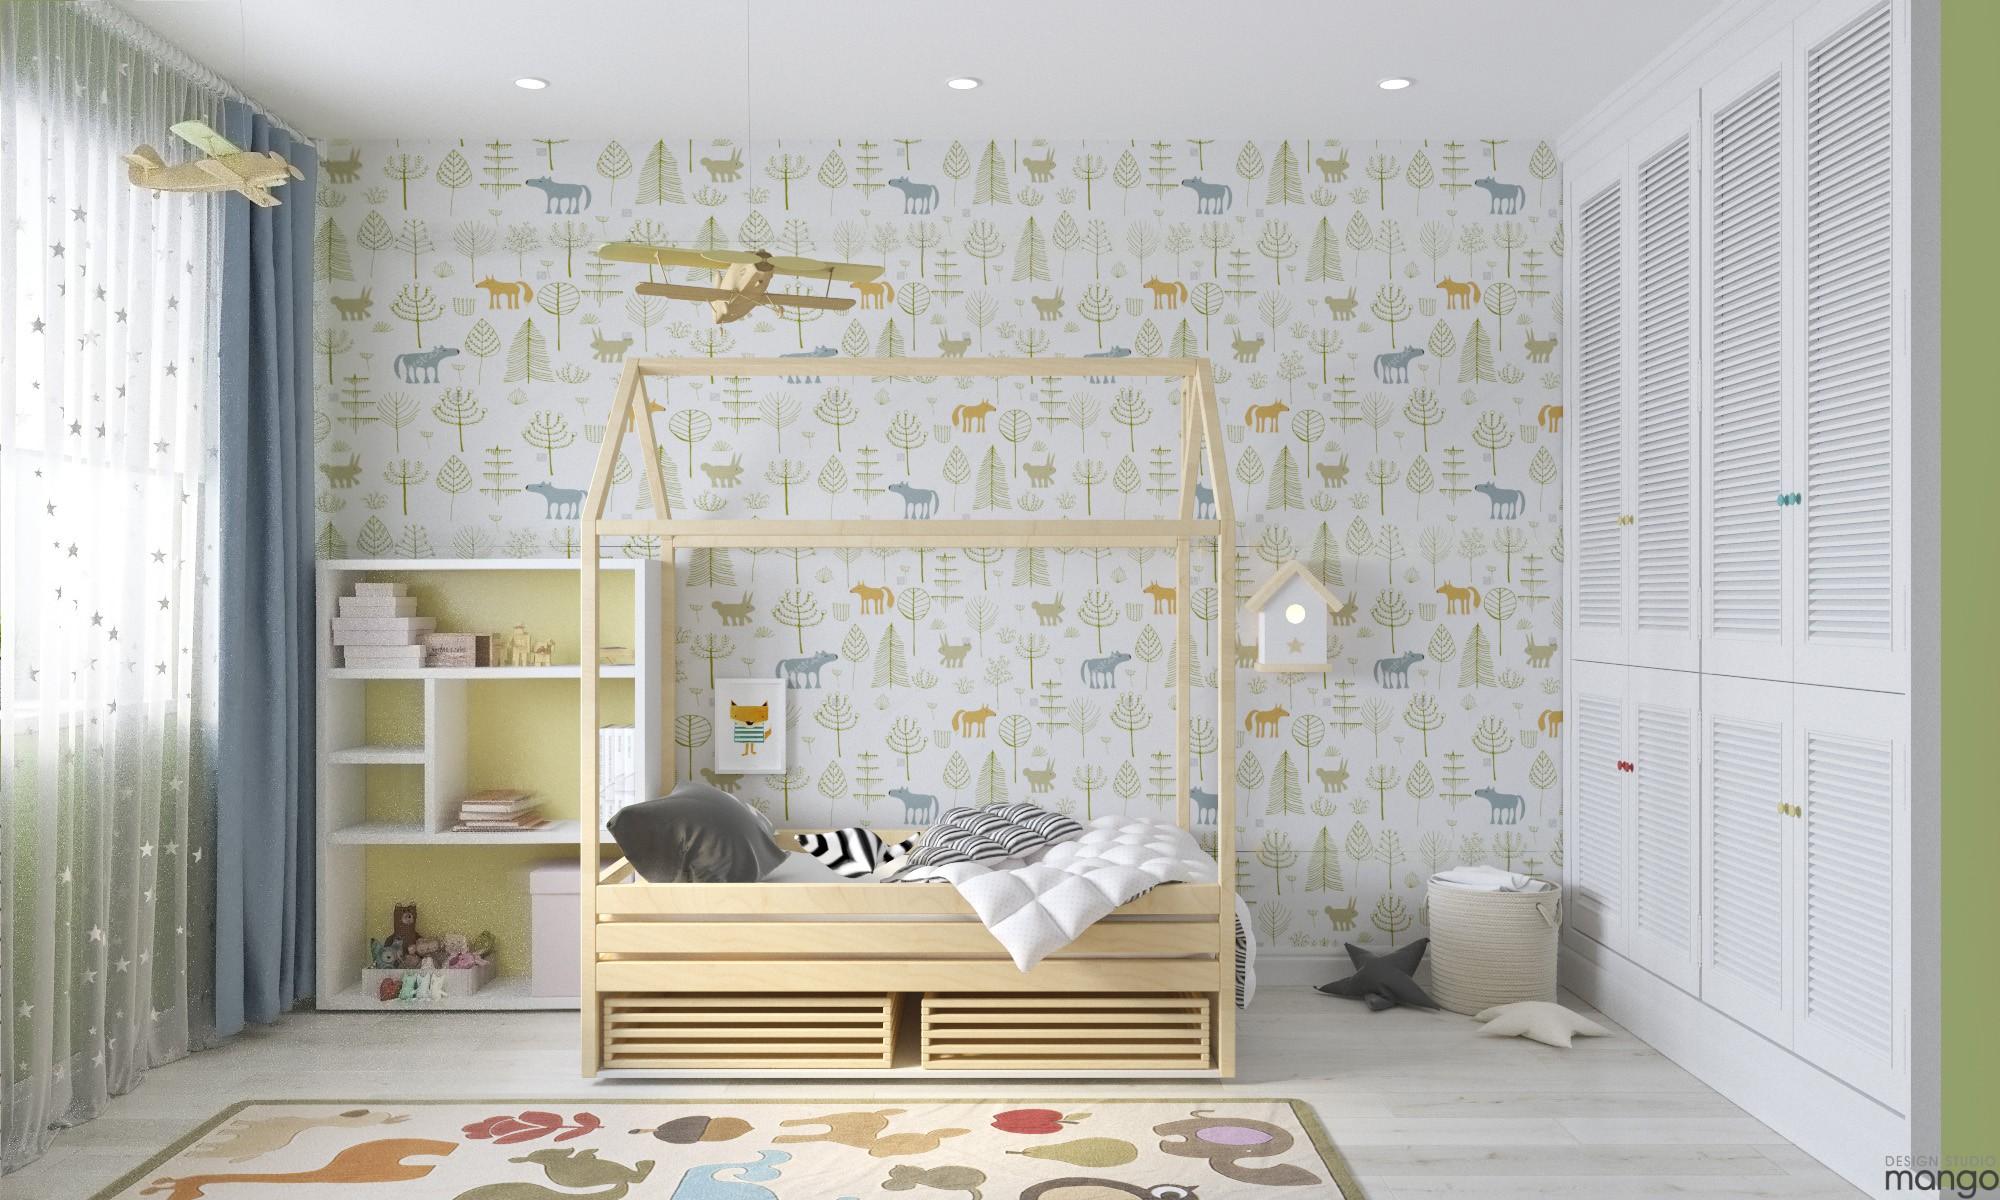 cute wallpaper decor